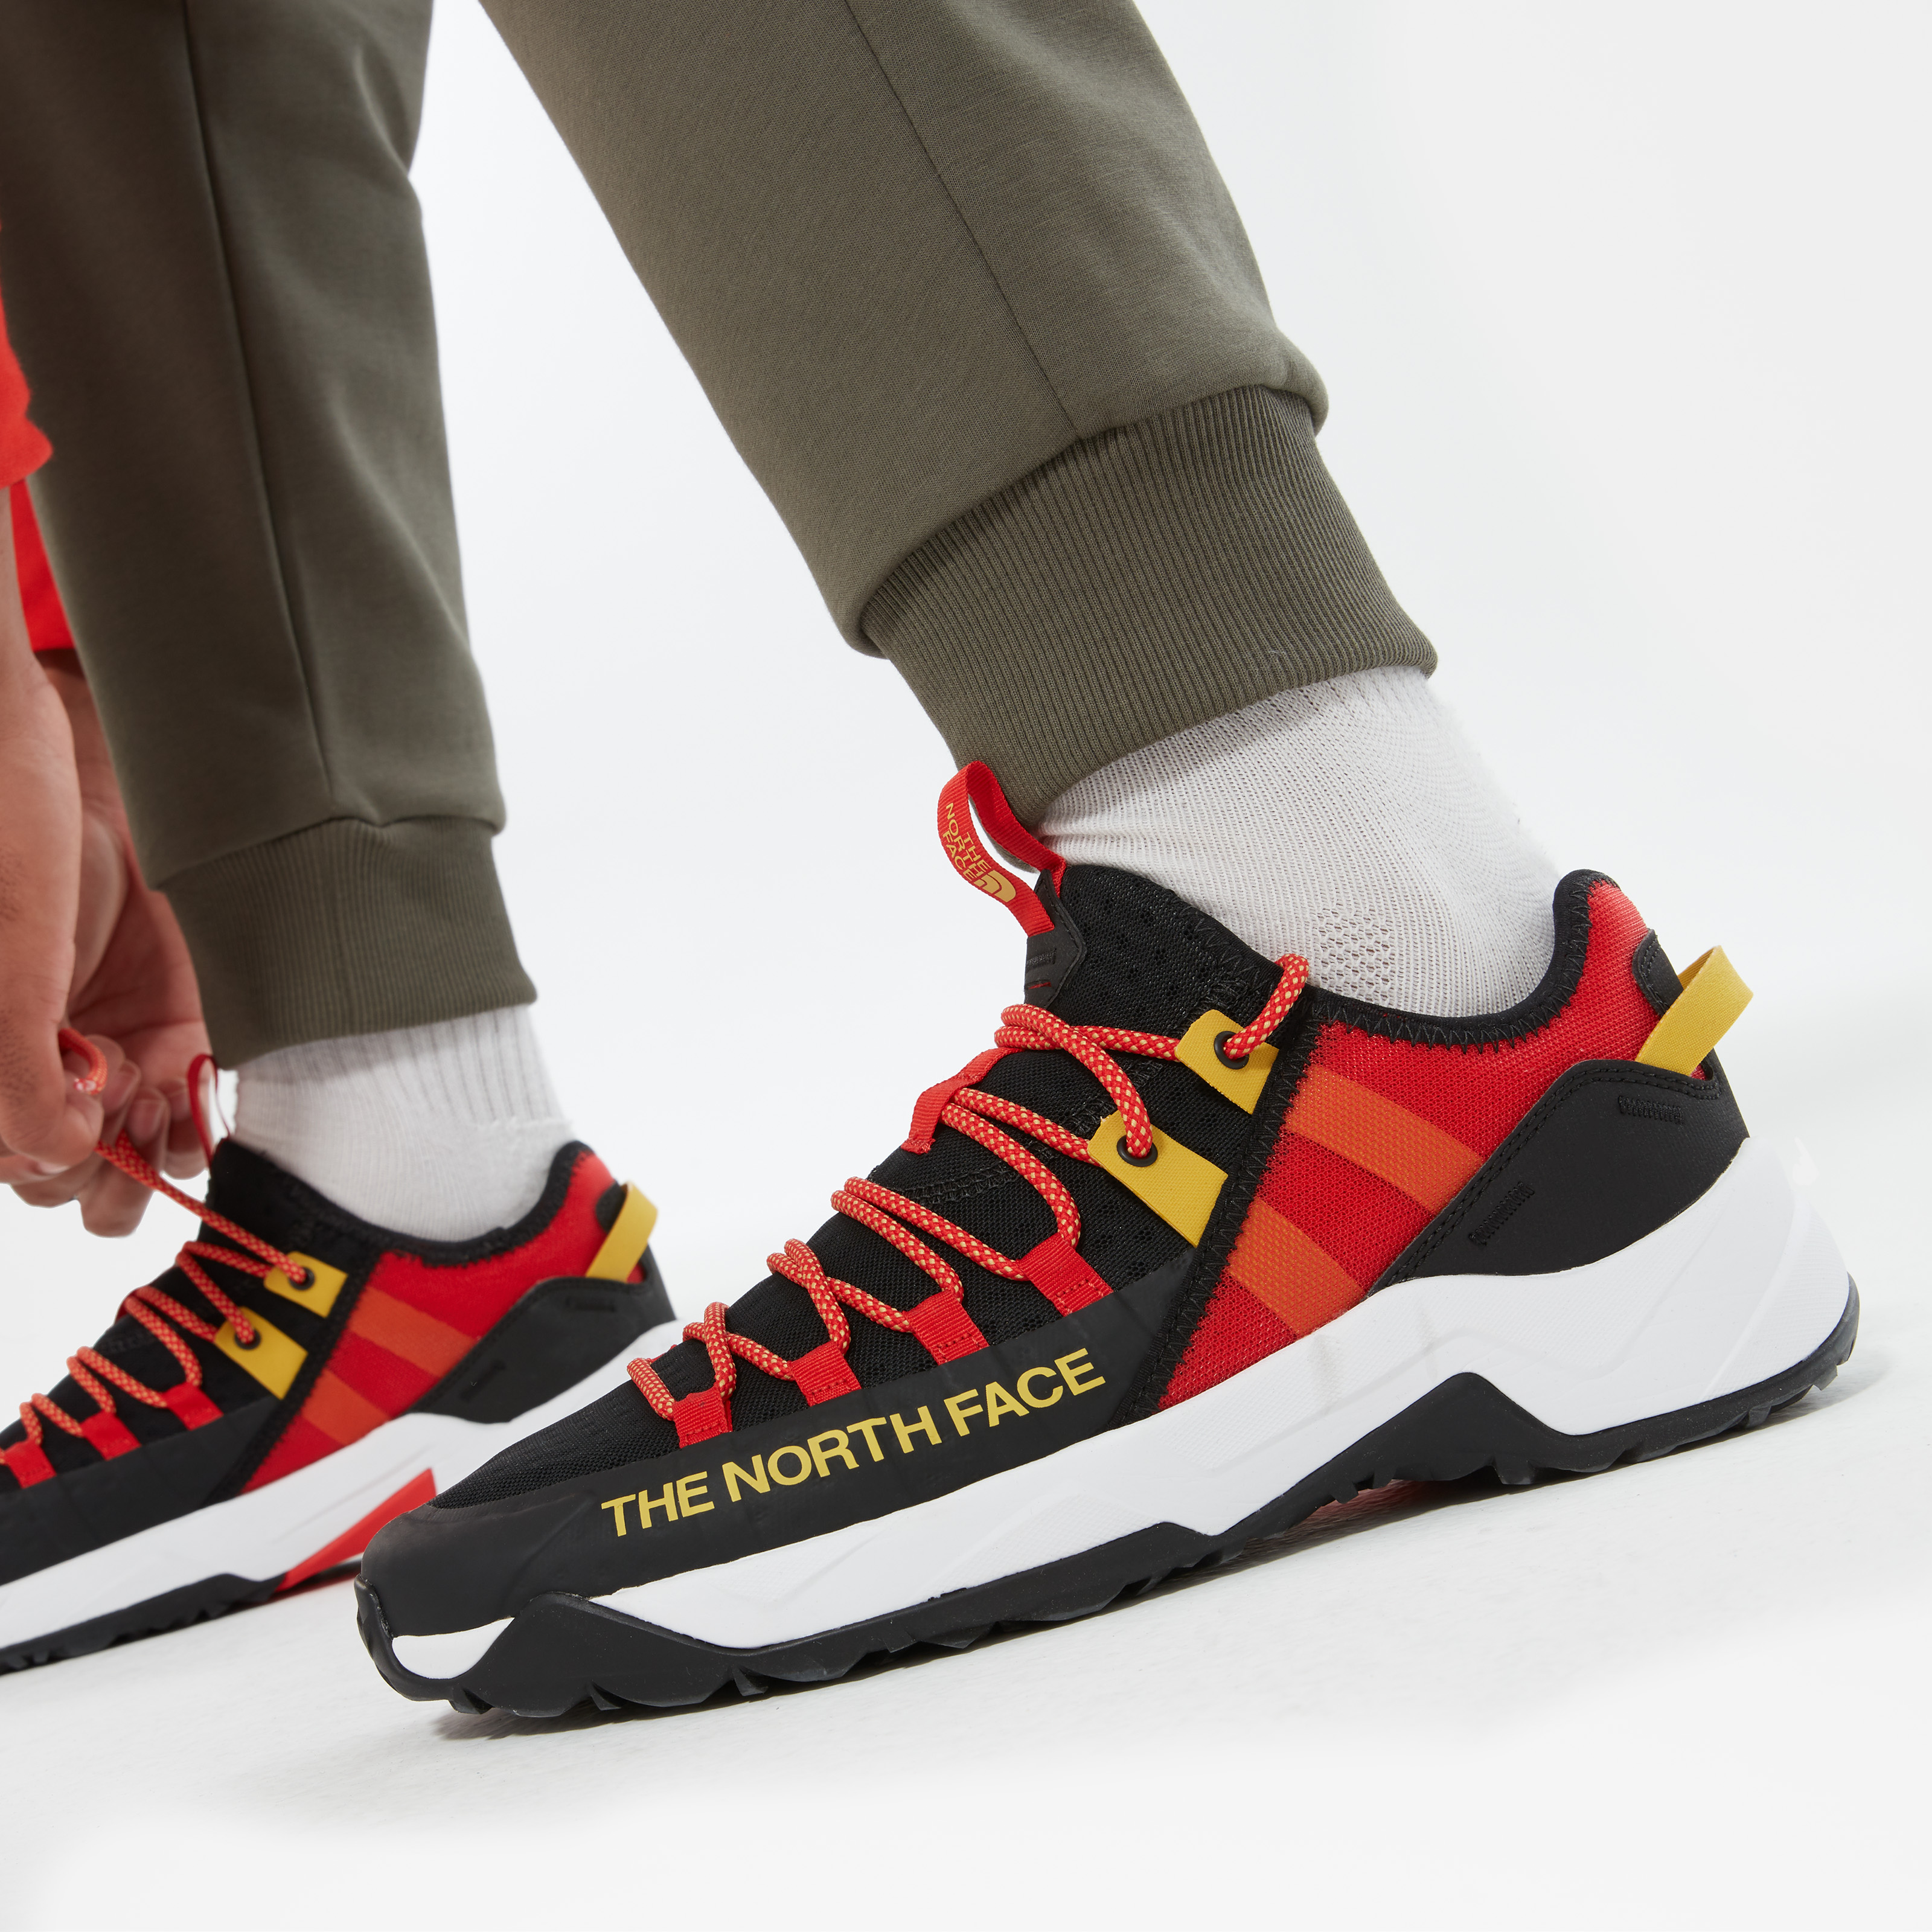 Мужские кроссовки Men'S Trail Escape Edge Shoes фото